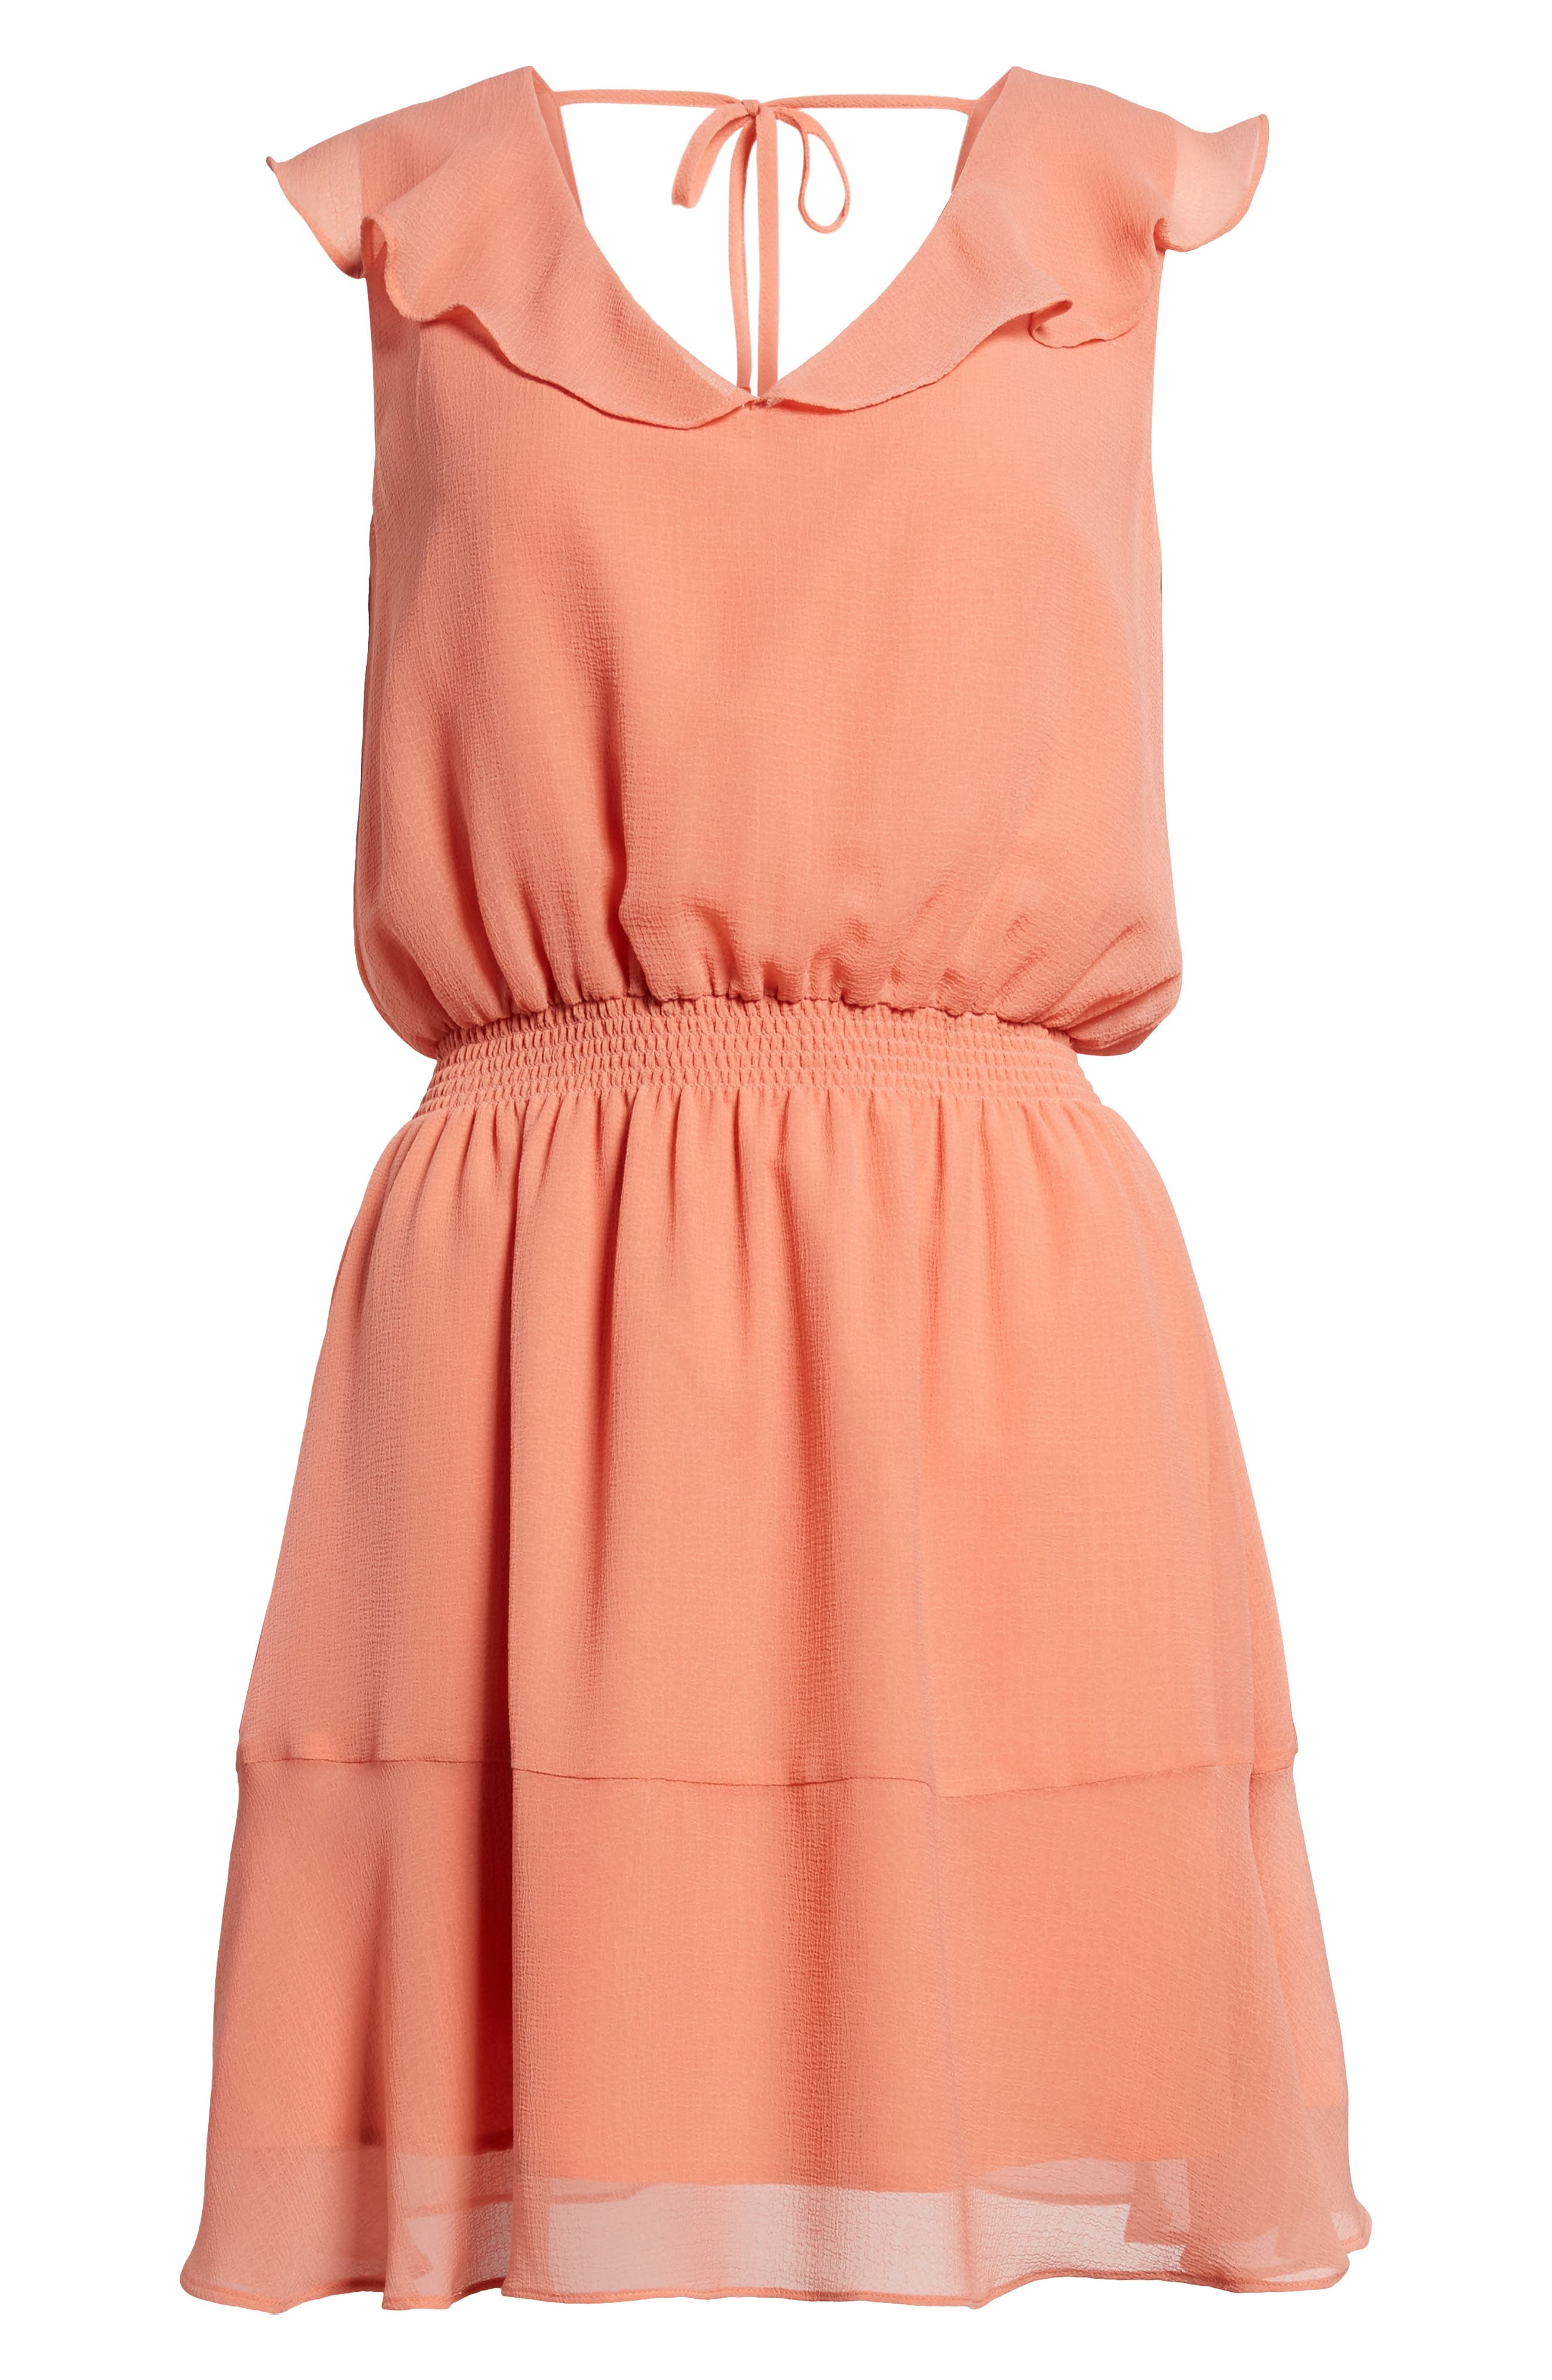 Iniko Blouson Dress,                             Alternate thumbnail 6, color,                             950